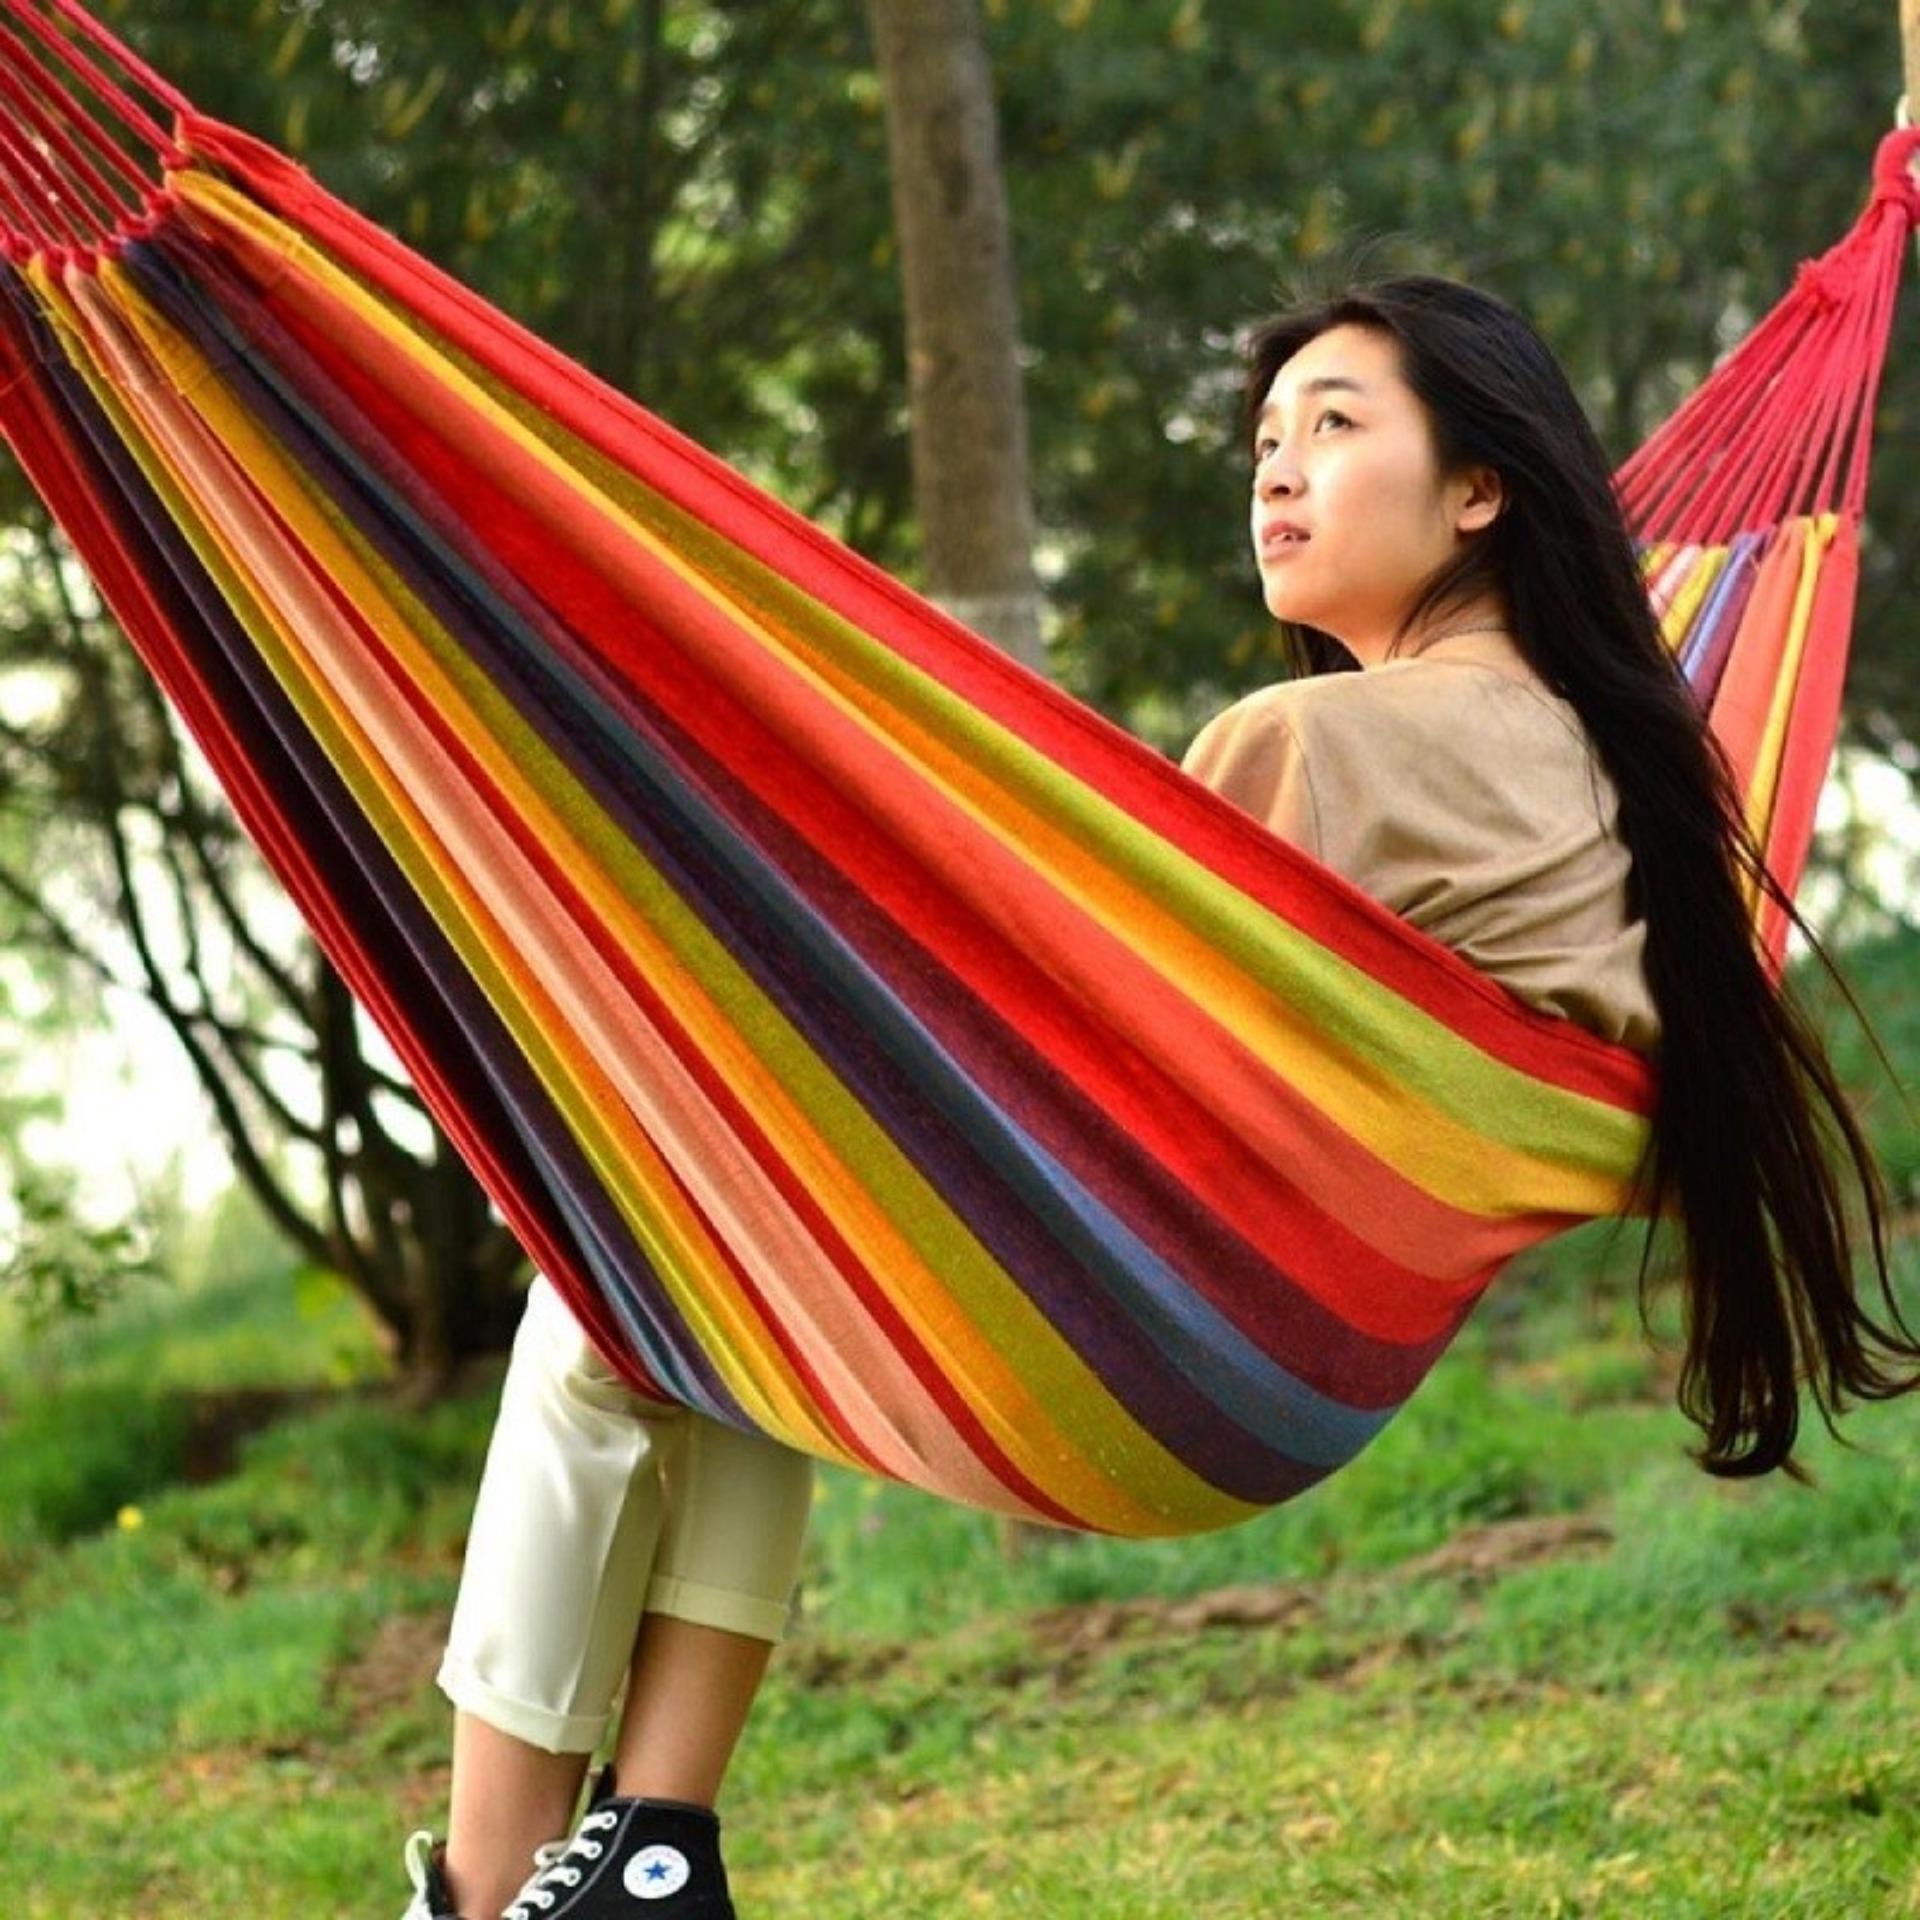 Vong Luoi Cao Cap, VÕNG DÃ NGOẠI ĐA NĂNG tiện lợi, gọn nhẹ, dễ dàng mang theo khi đi chơi xa, Tặng phiếu bảo hành 1 năm Toàn quốc